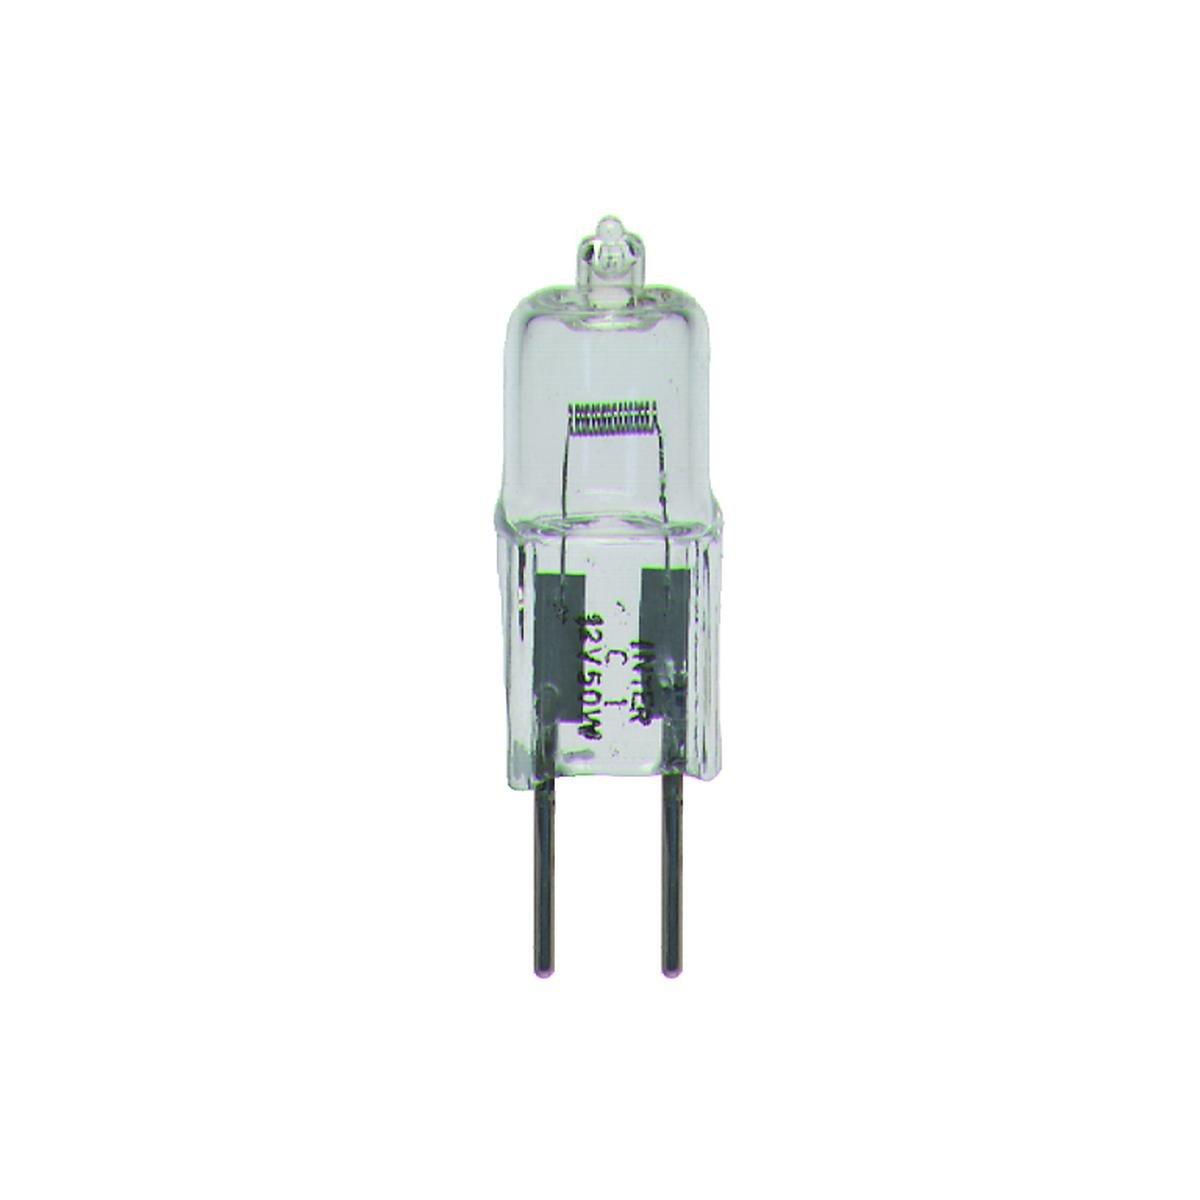 Halogenlampa 12V 5W G4 värmetålig 300°